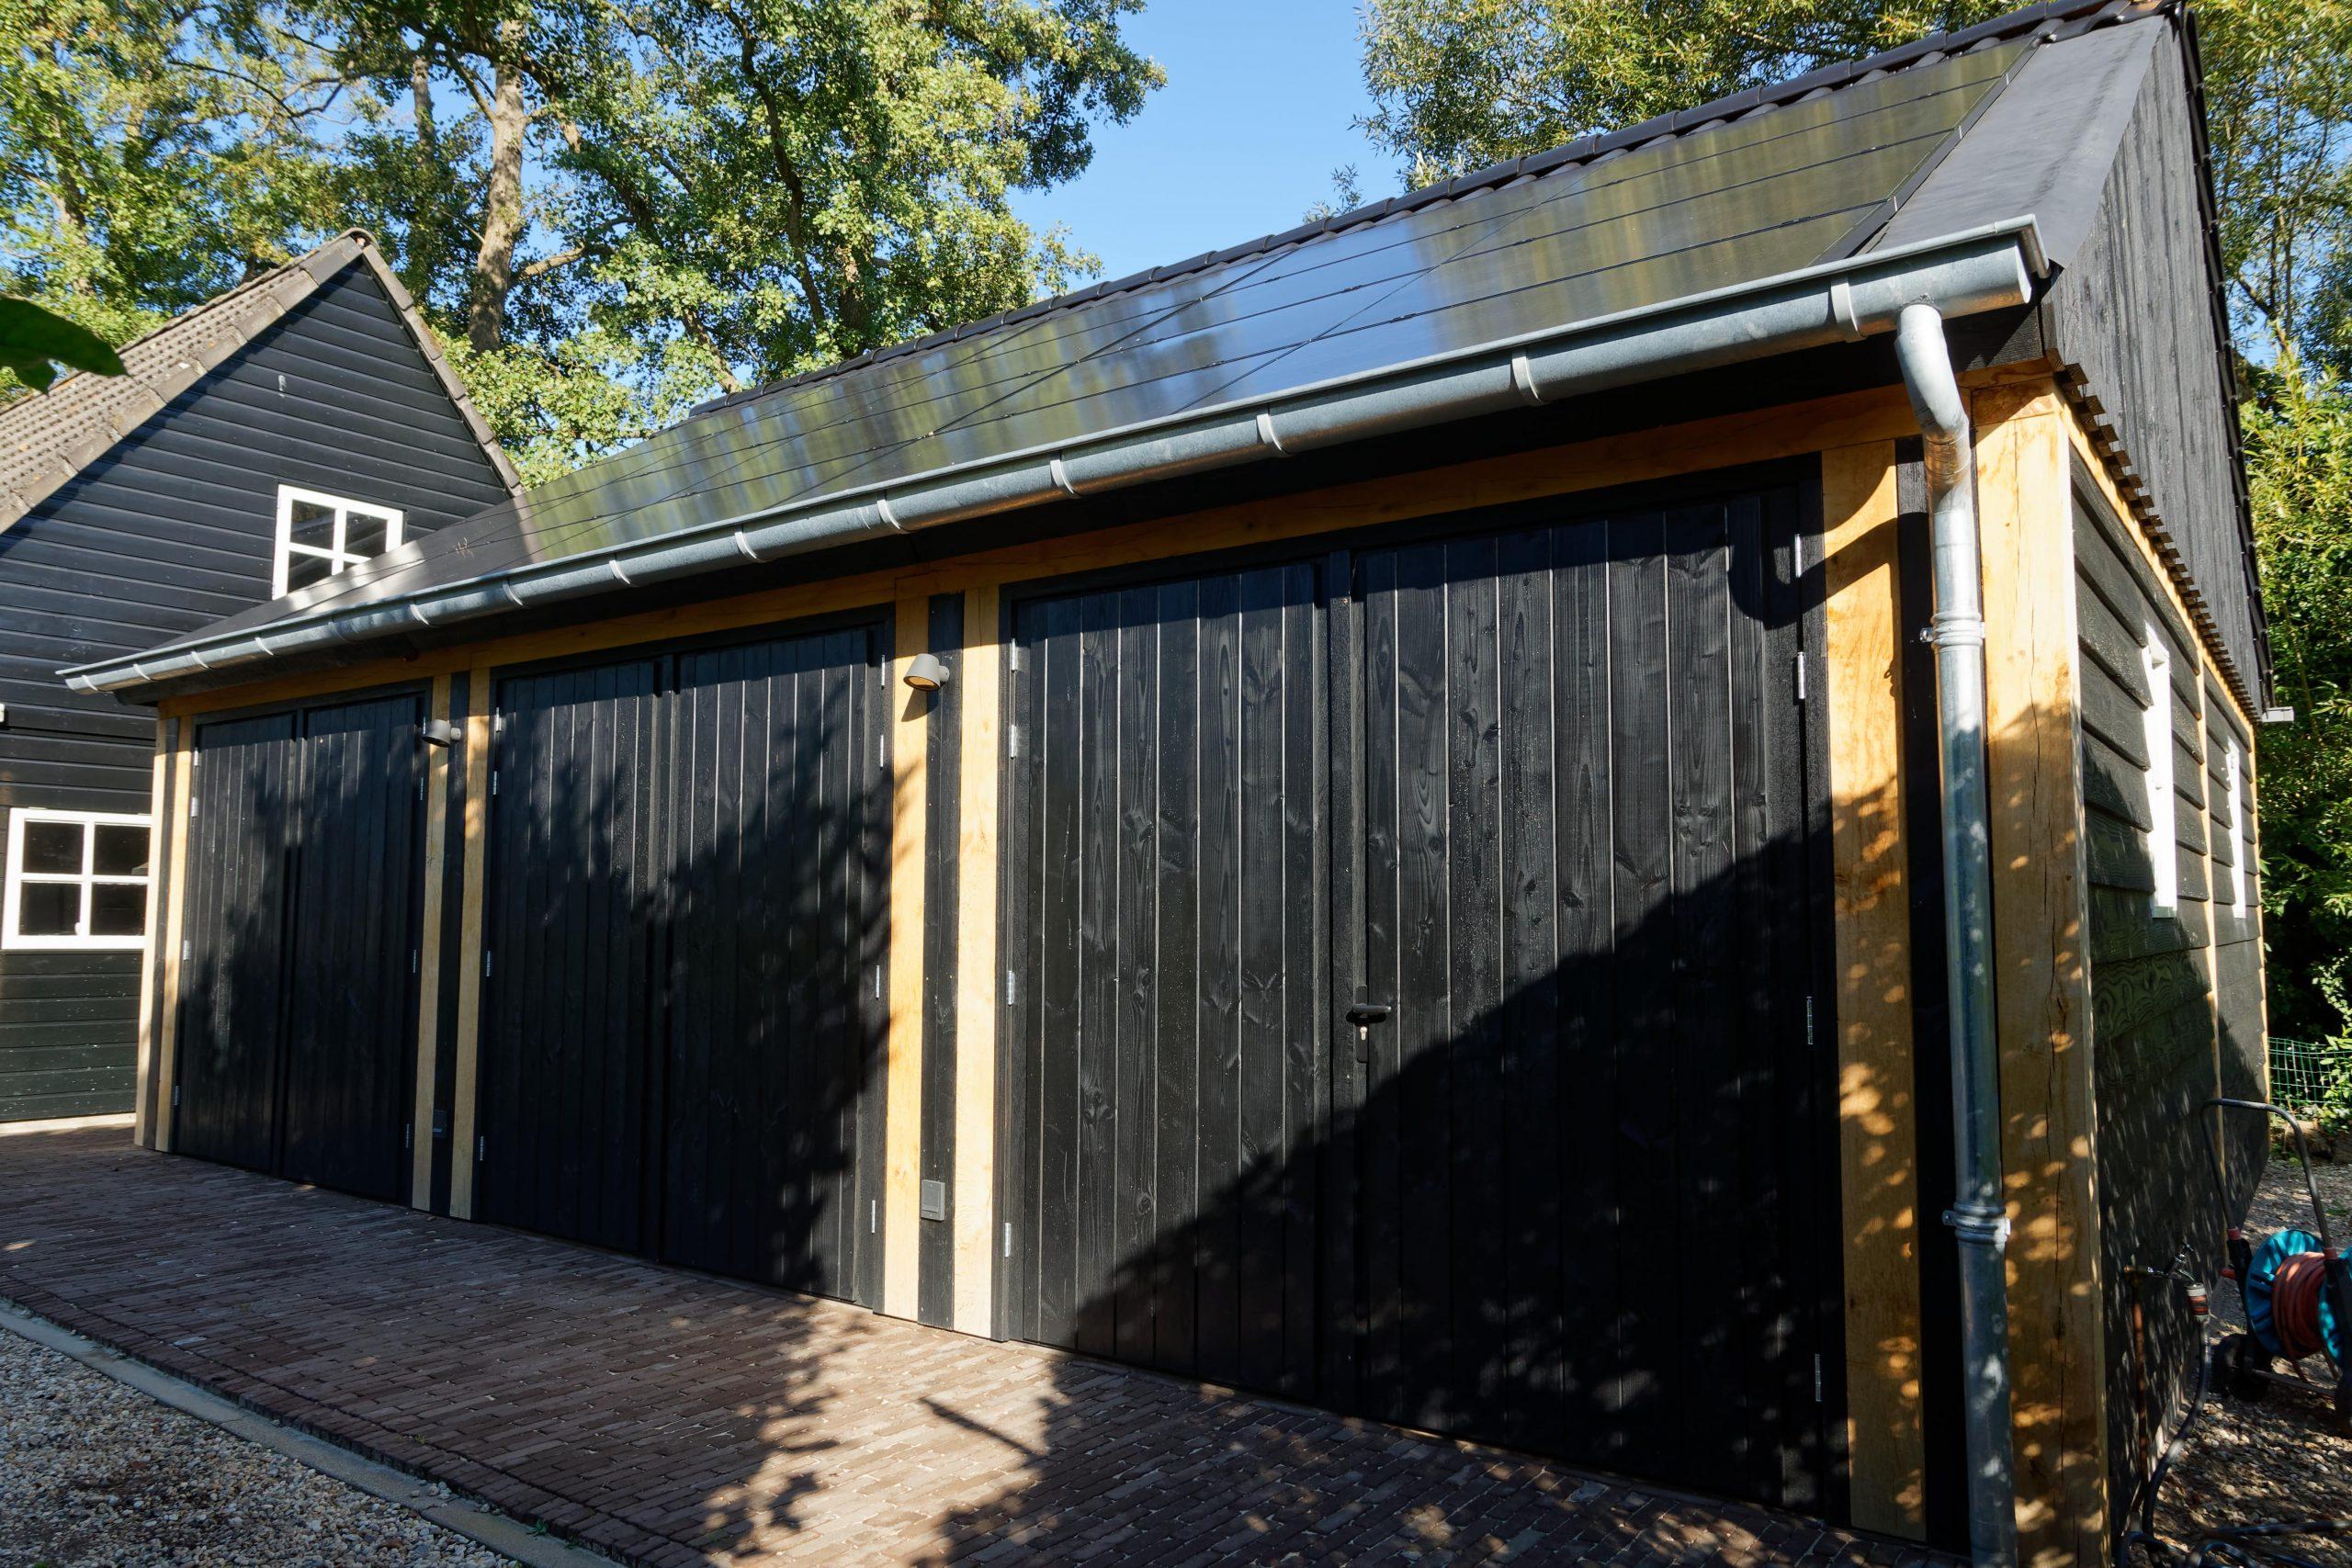 houten-garage-met-zonnepanelen-1-scaled -